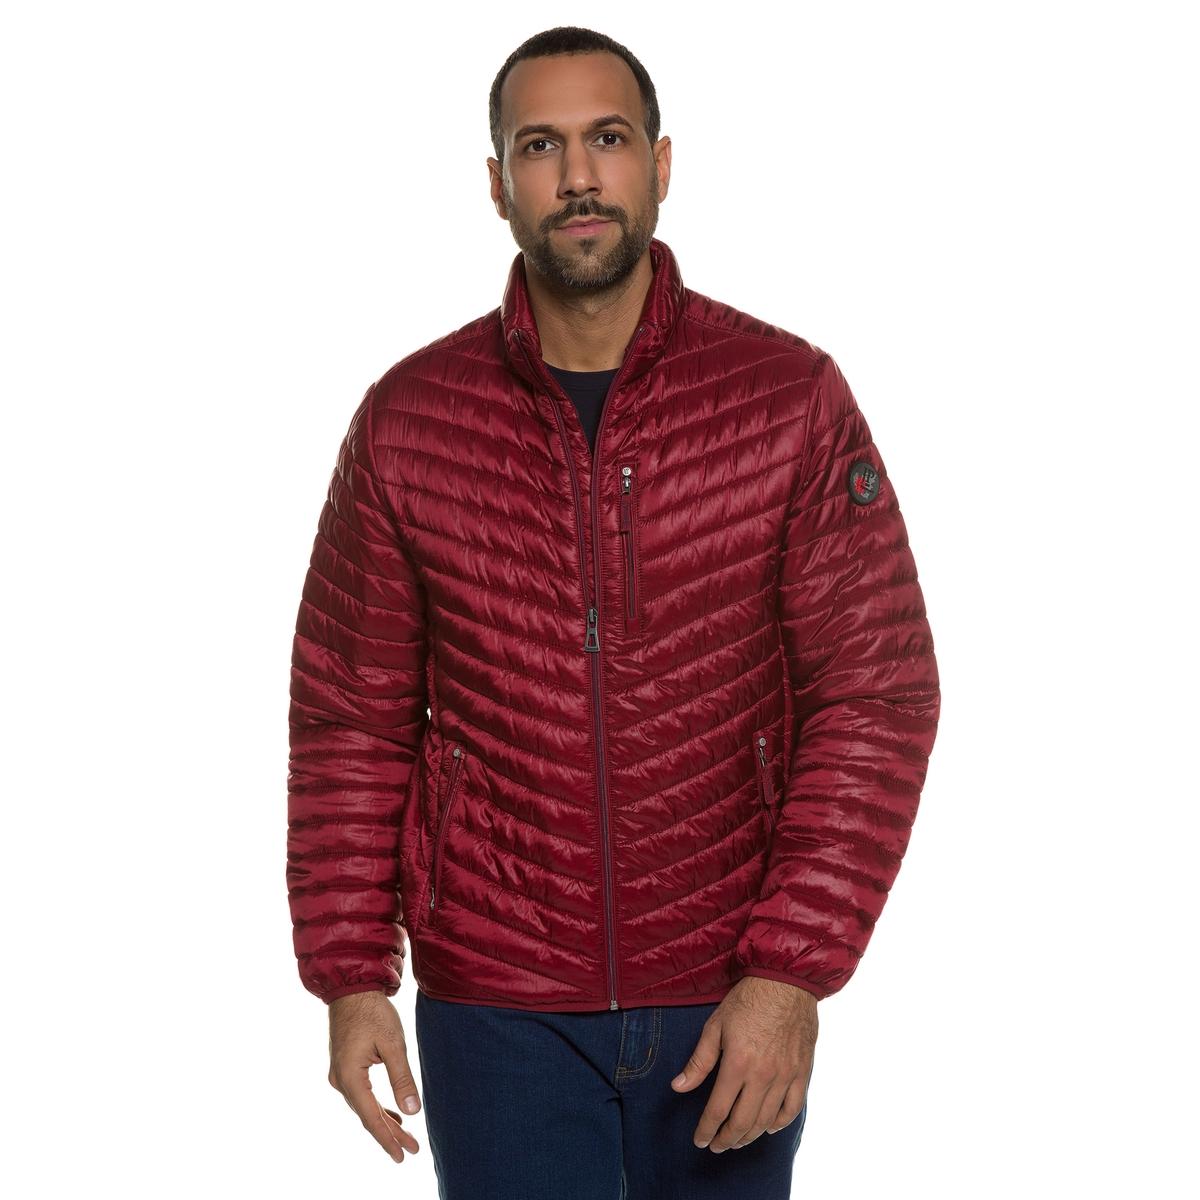 Куртка стеганаяСтеганая куртка JP1880. 100% полиамид. Подкладка: 100% полиамид.Удобная стеганая куртка. Съемный значок на рукаве. Прямой воротник, застёжка на молнию и 2 кармана на молнии. Эластичные края рукавов и низа. Длина в зависимости от размера от 70 до  79,5 см<br><br>Цвет: красный темный<br>Размер: 5XL.4XL.3XL.XXL